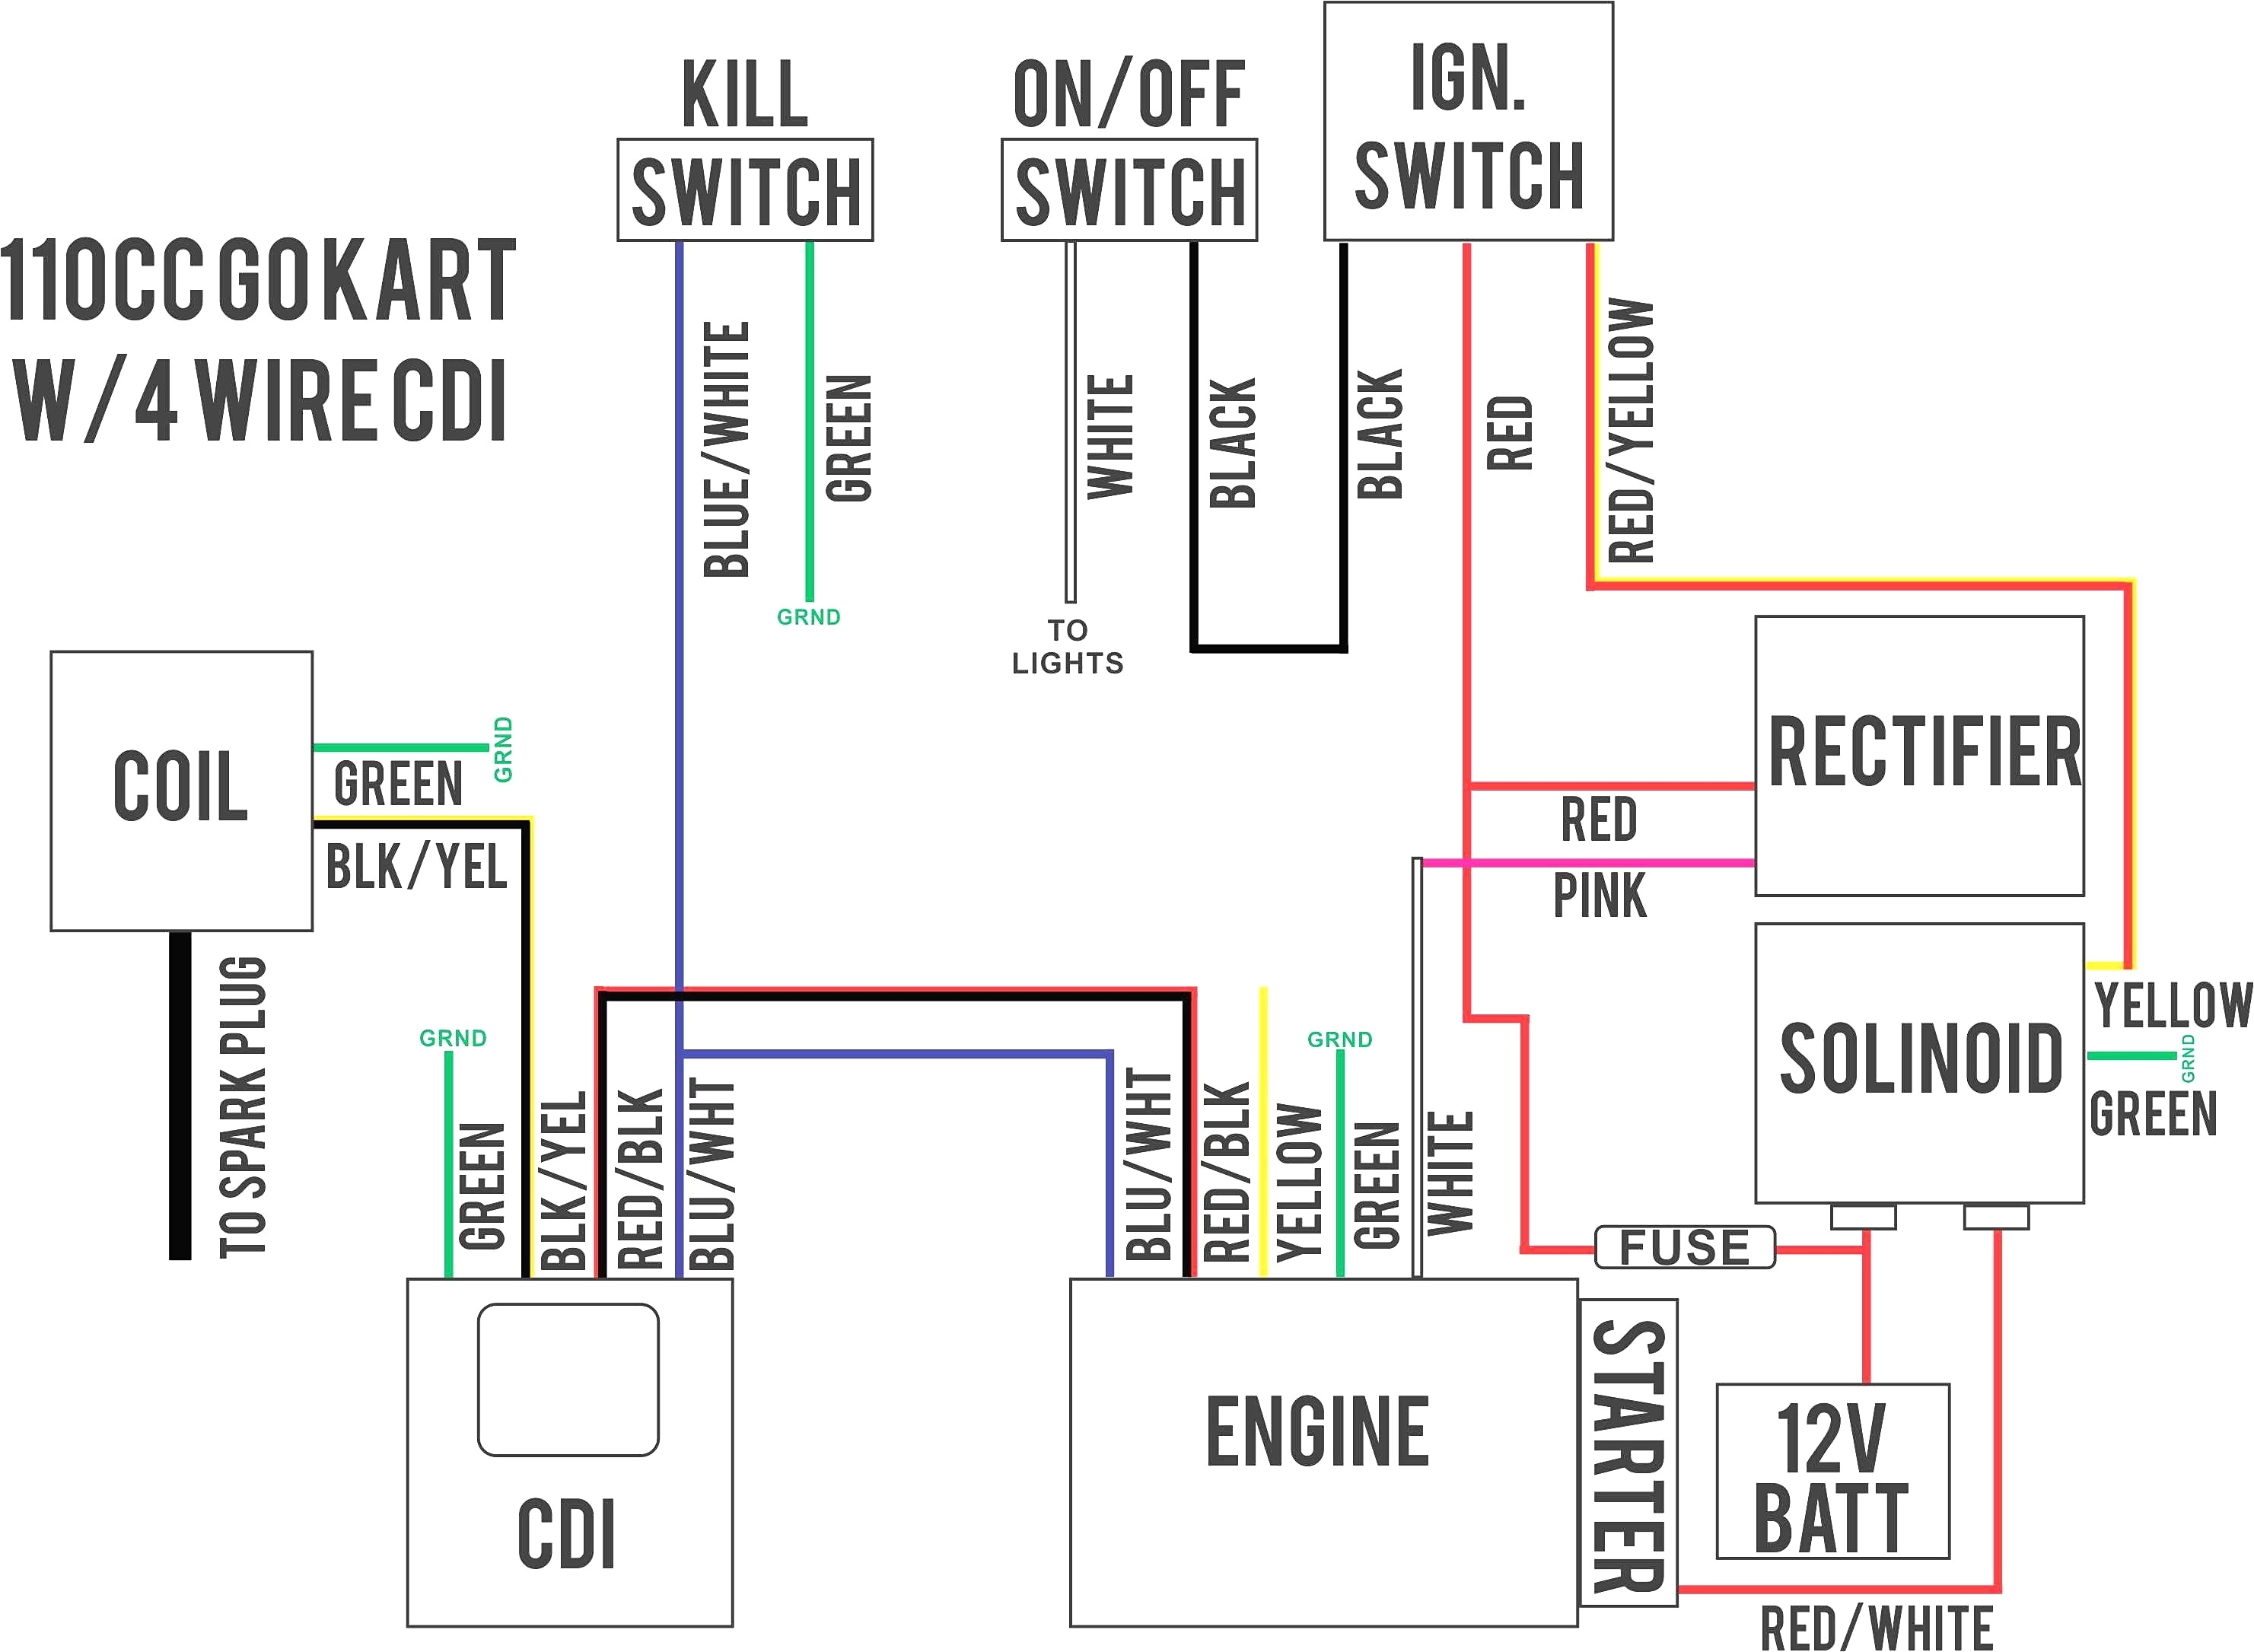 mag o wiring diagram wiring diagram name gy6 atv wiring diagram wiring diagram database mag o